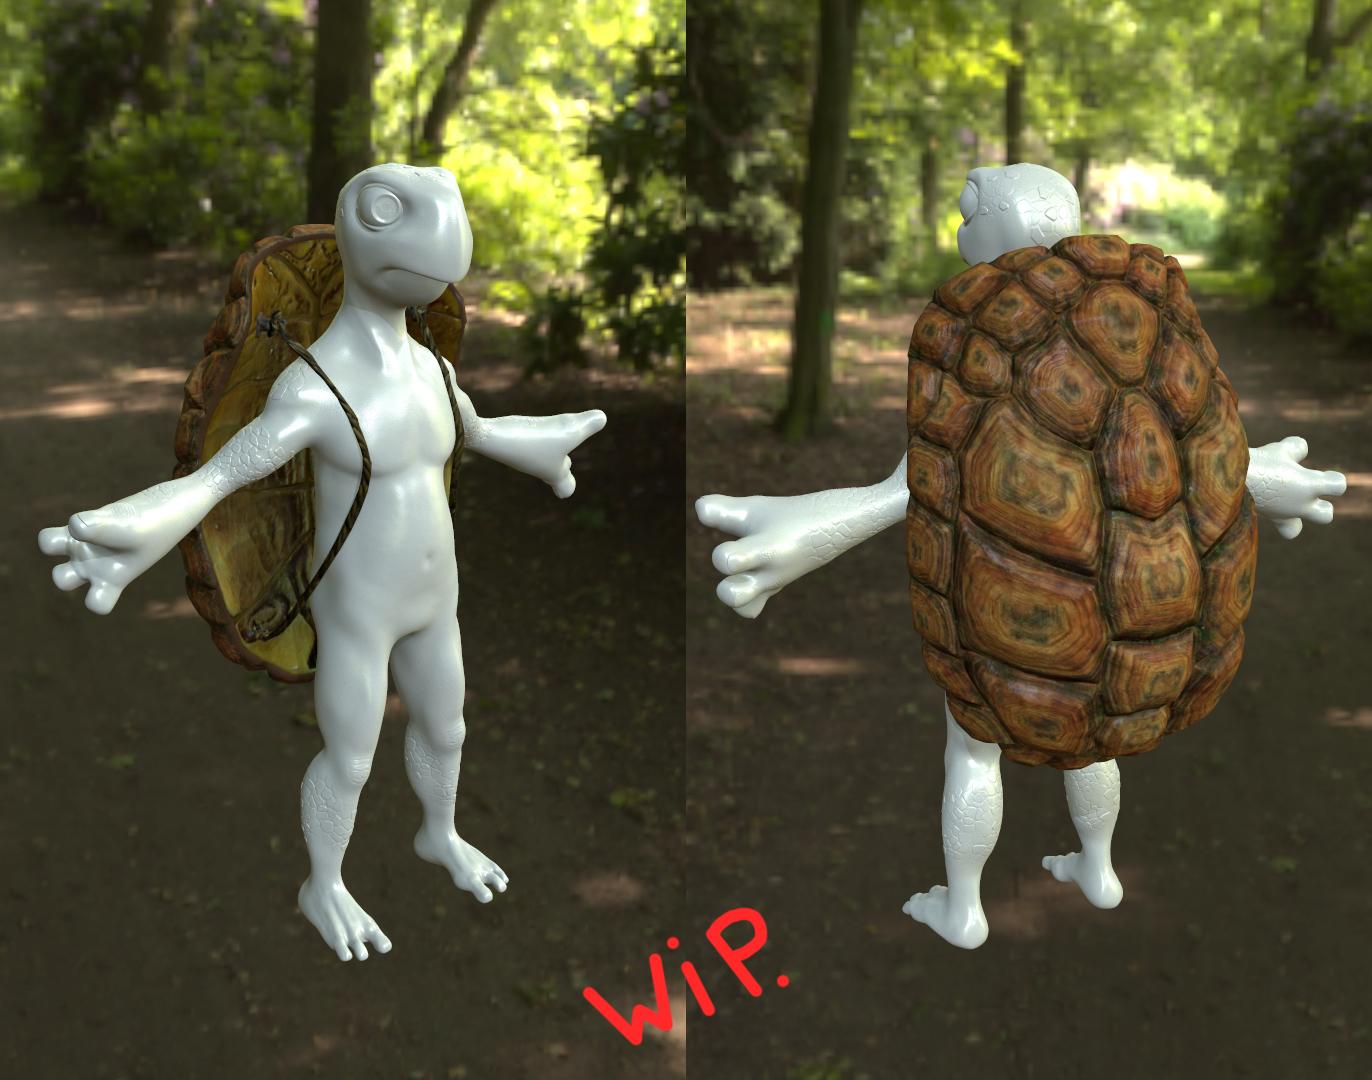 Image W.I.P du personnage principal